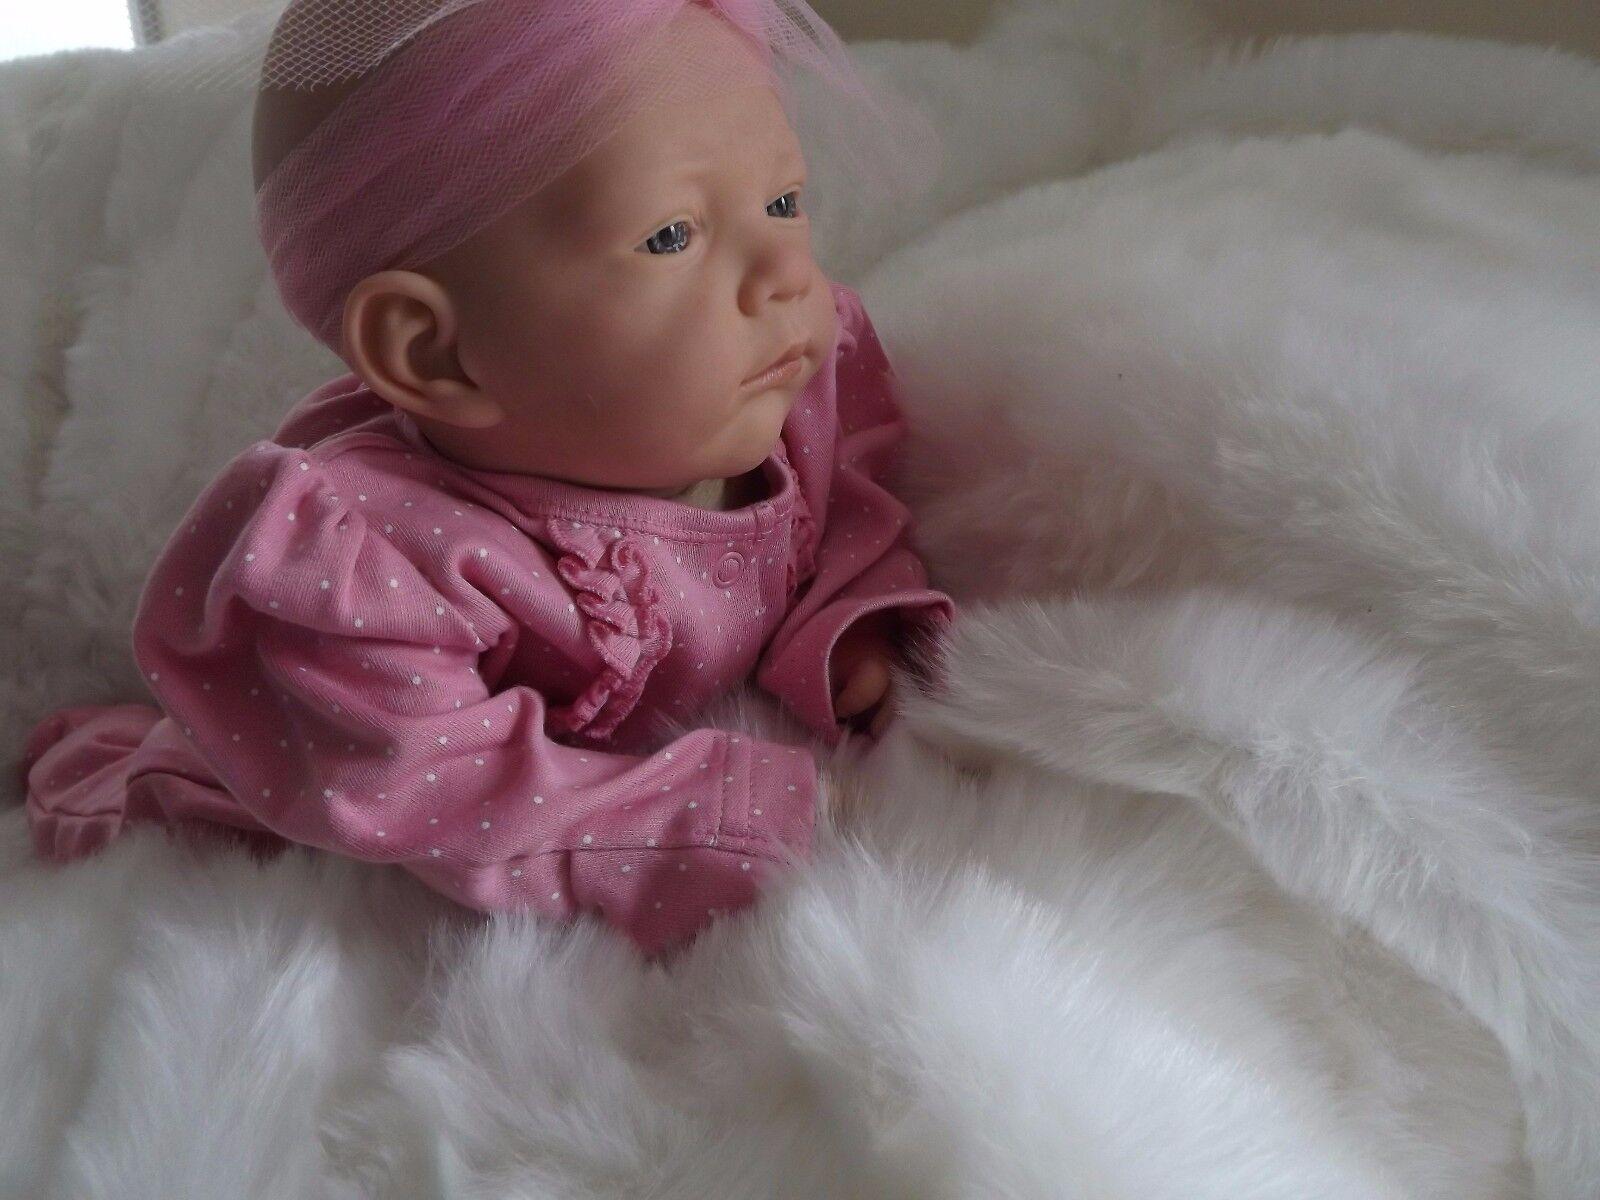 Jane RINATO bambino bambola  maculato Realistico Life Like Bambino Ragazze Compleanno Regalo Di Natale  alta qualità genuina